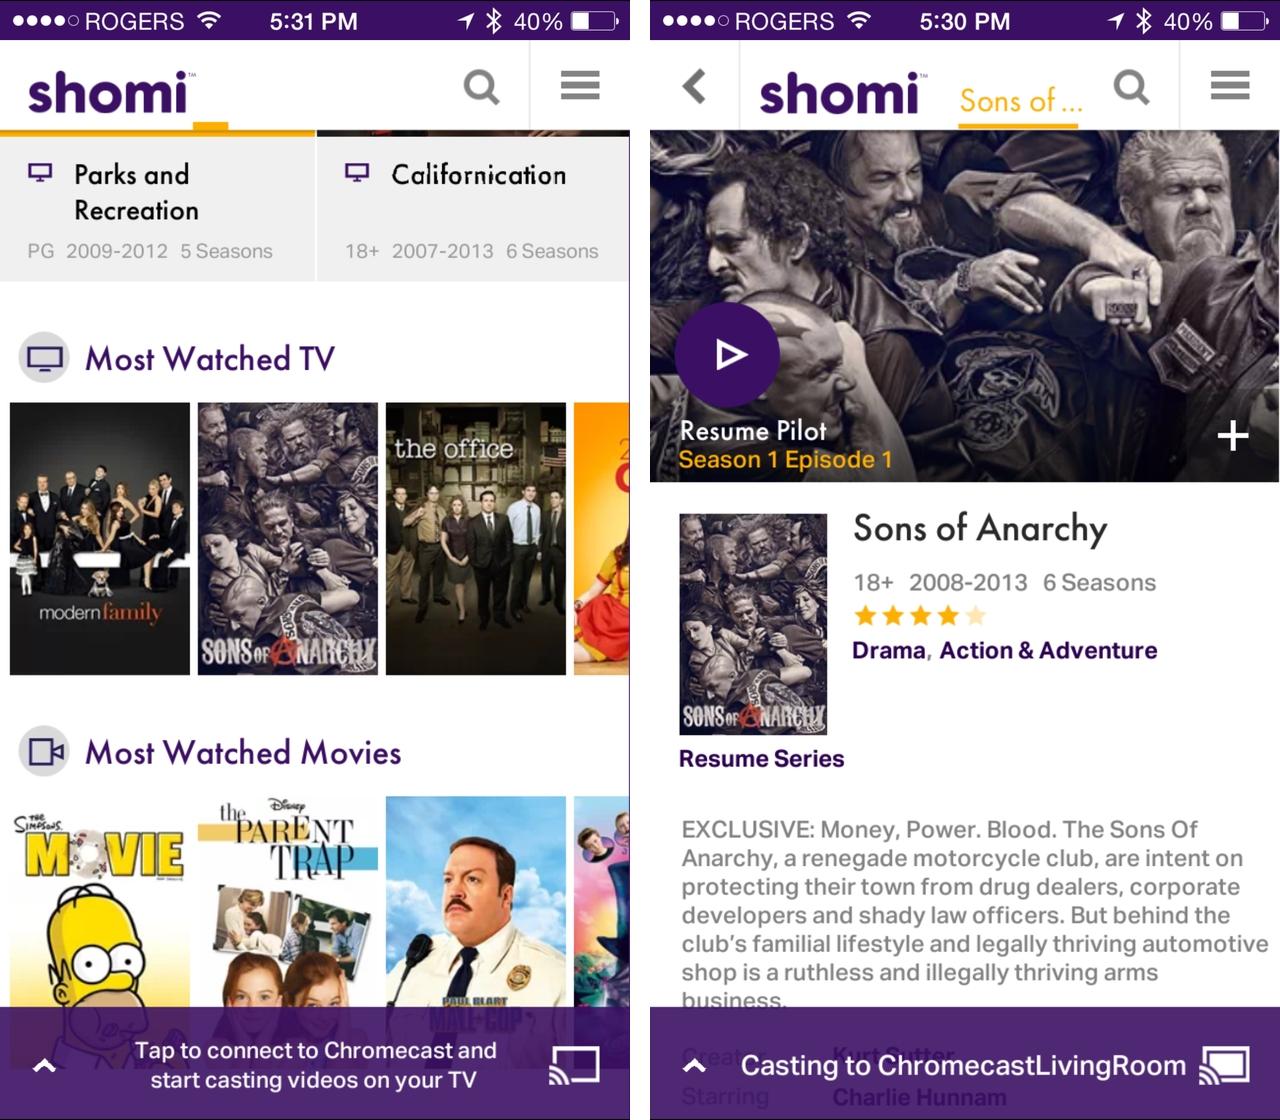 shomi-chromecast-1